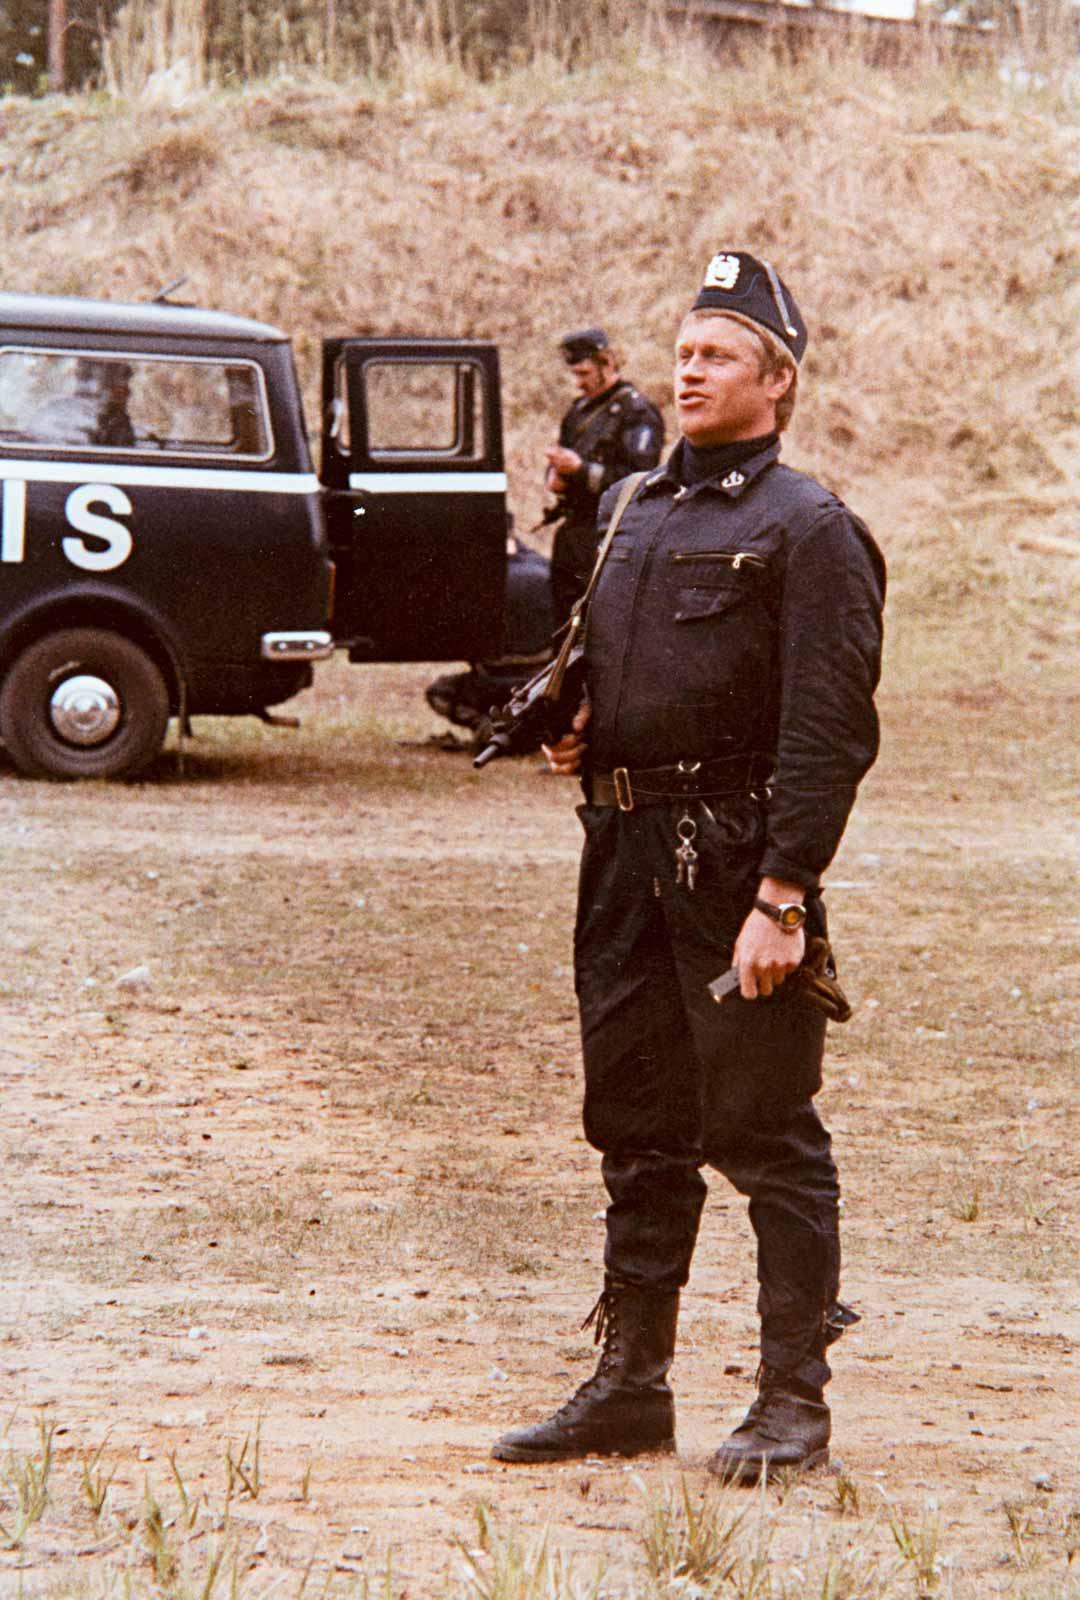 Virkavirhe olisi hidastanut Aimo Limnellin urakehitystä, mutta nuori poliisi ei sitä miettinyt.